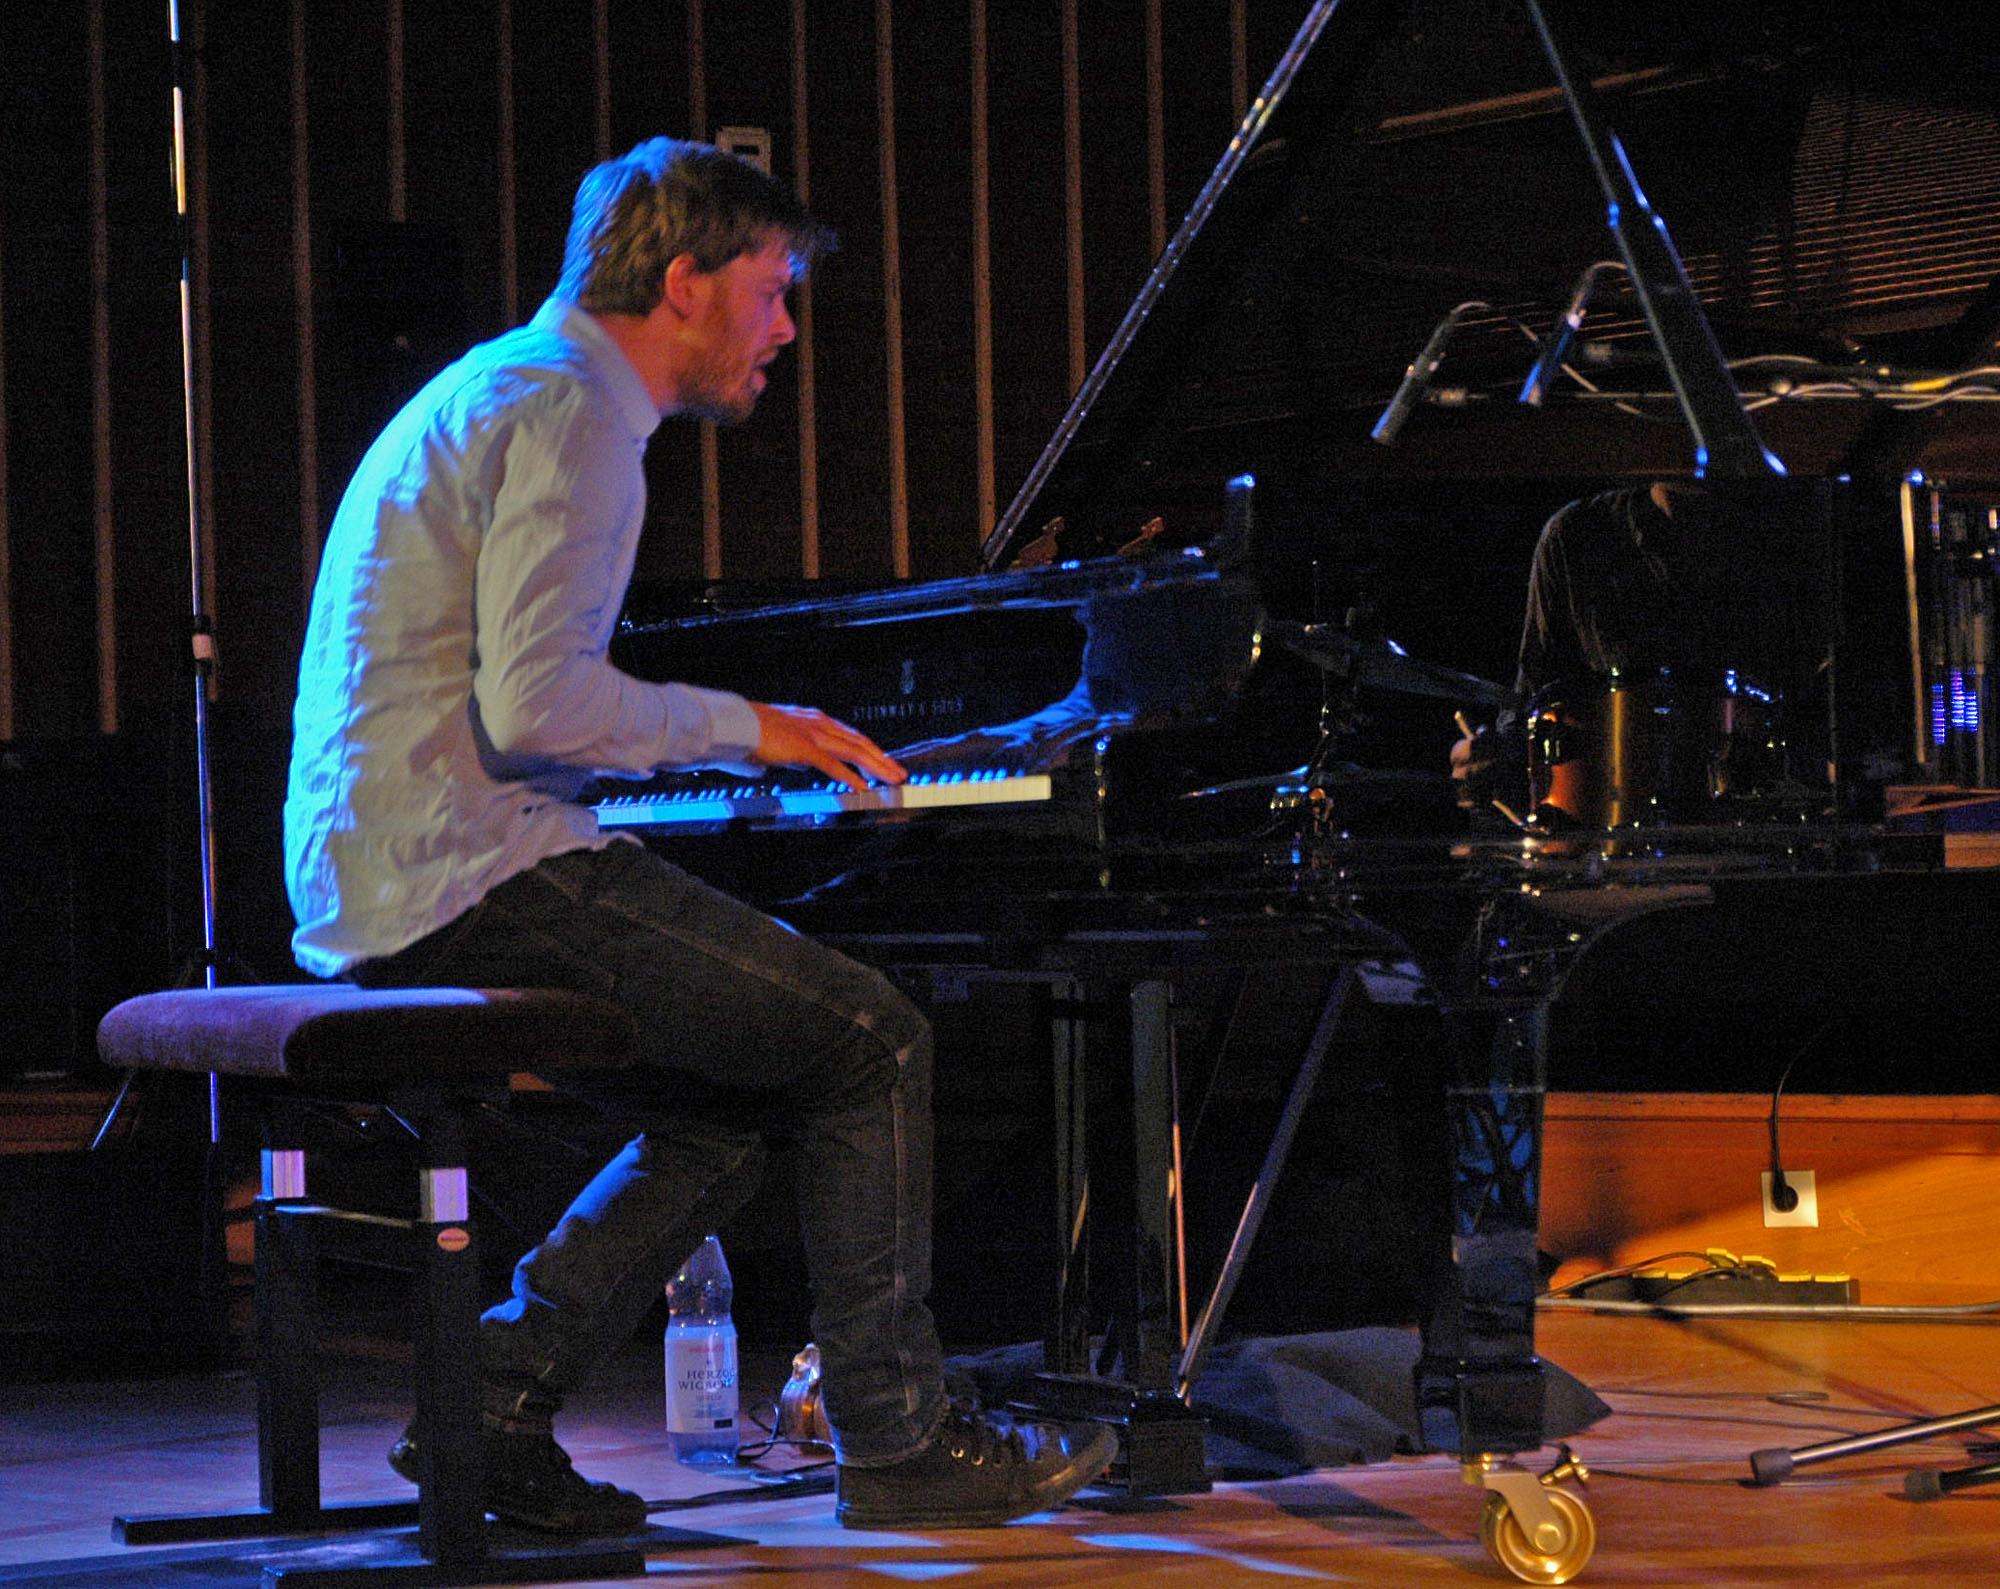 Collin Vallon, Jazzahead 2011